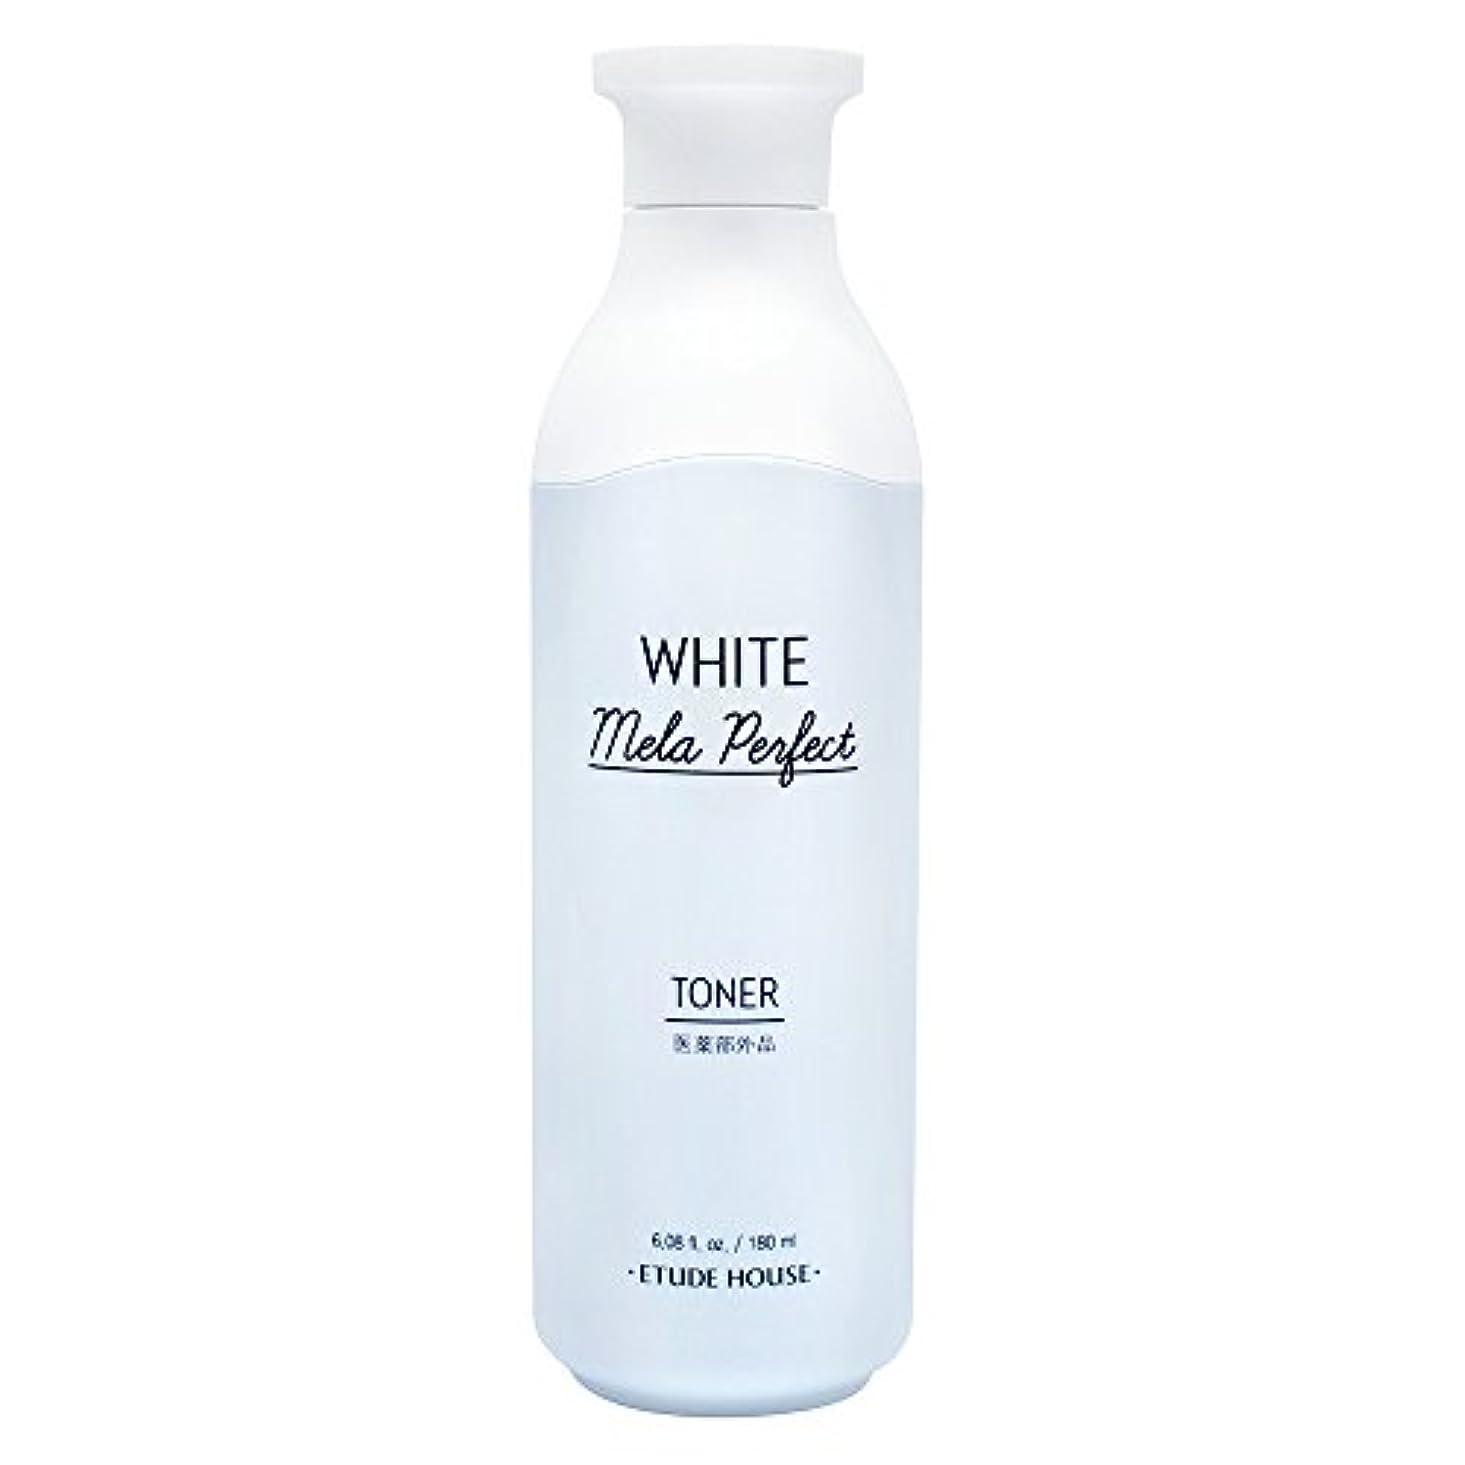 通行人拡張現実にはエチュードハウス(ETUDE HOUSE) ホワイトメラパーフェクト トナー[化粧水、美白化粧水]